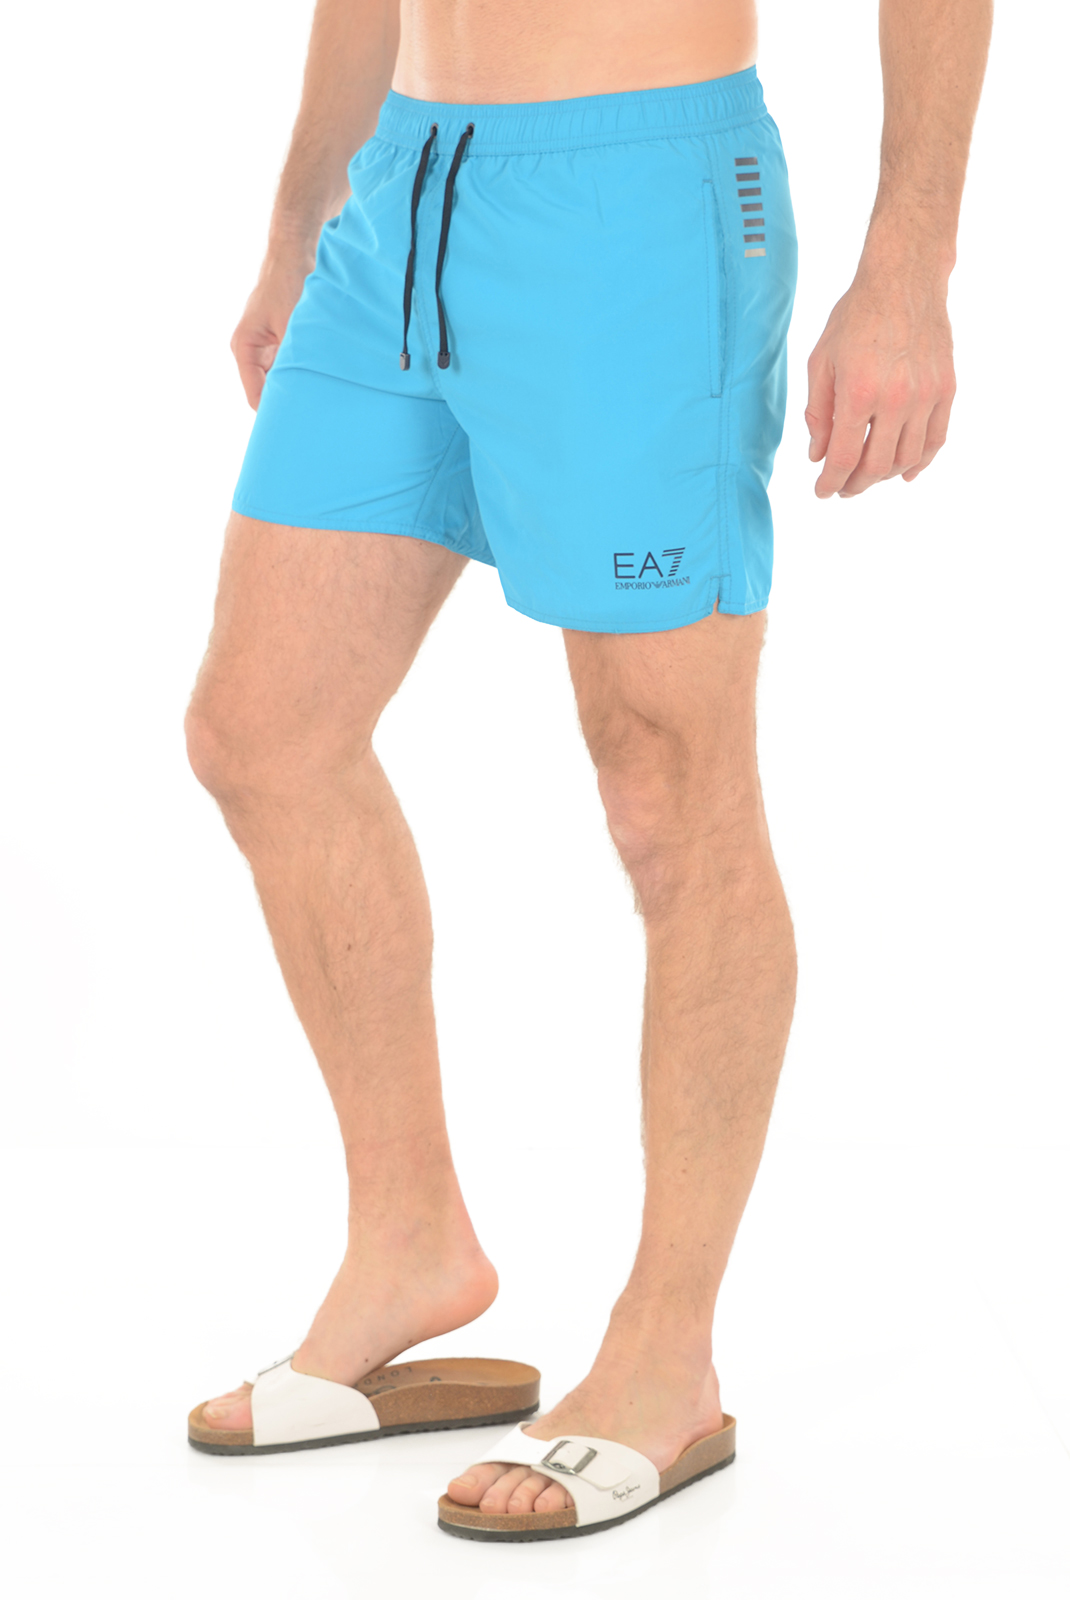 Shorts de bain  Emporio armani 902000 6P730 BLUE 00032